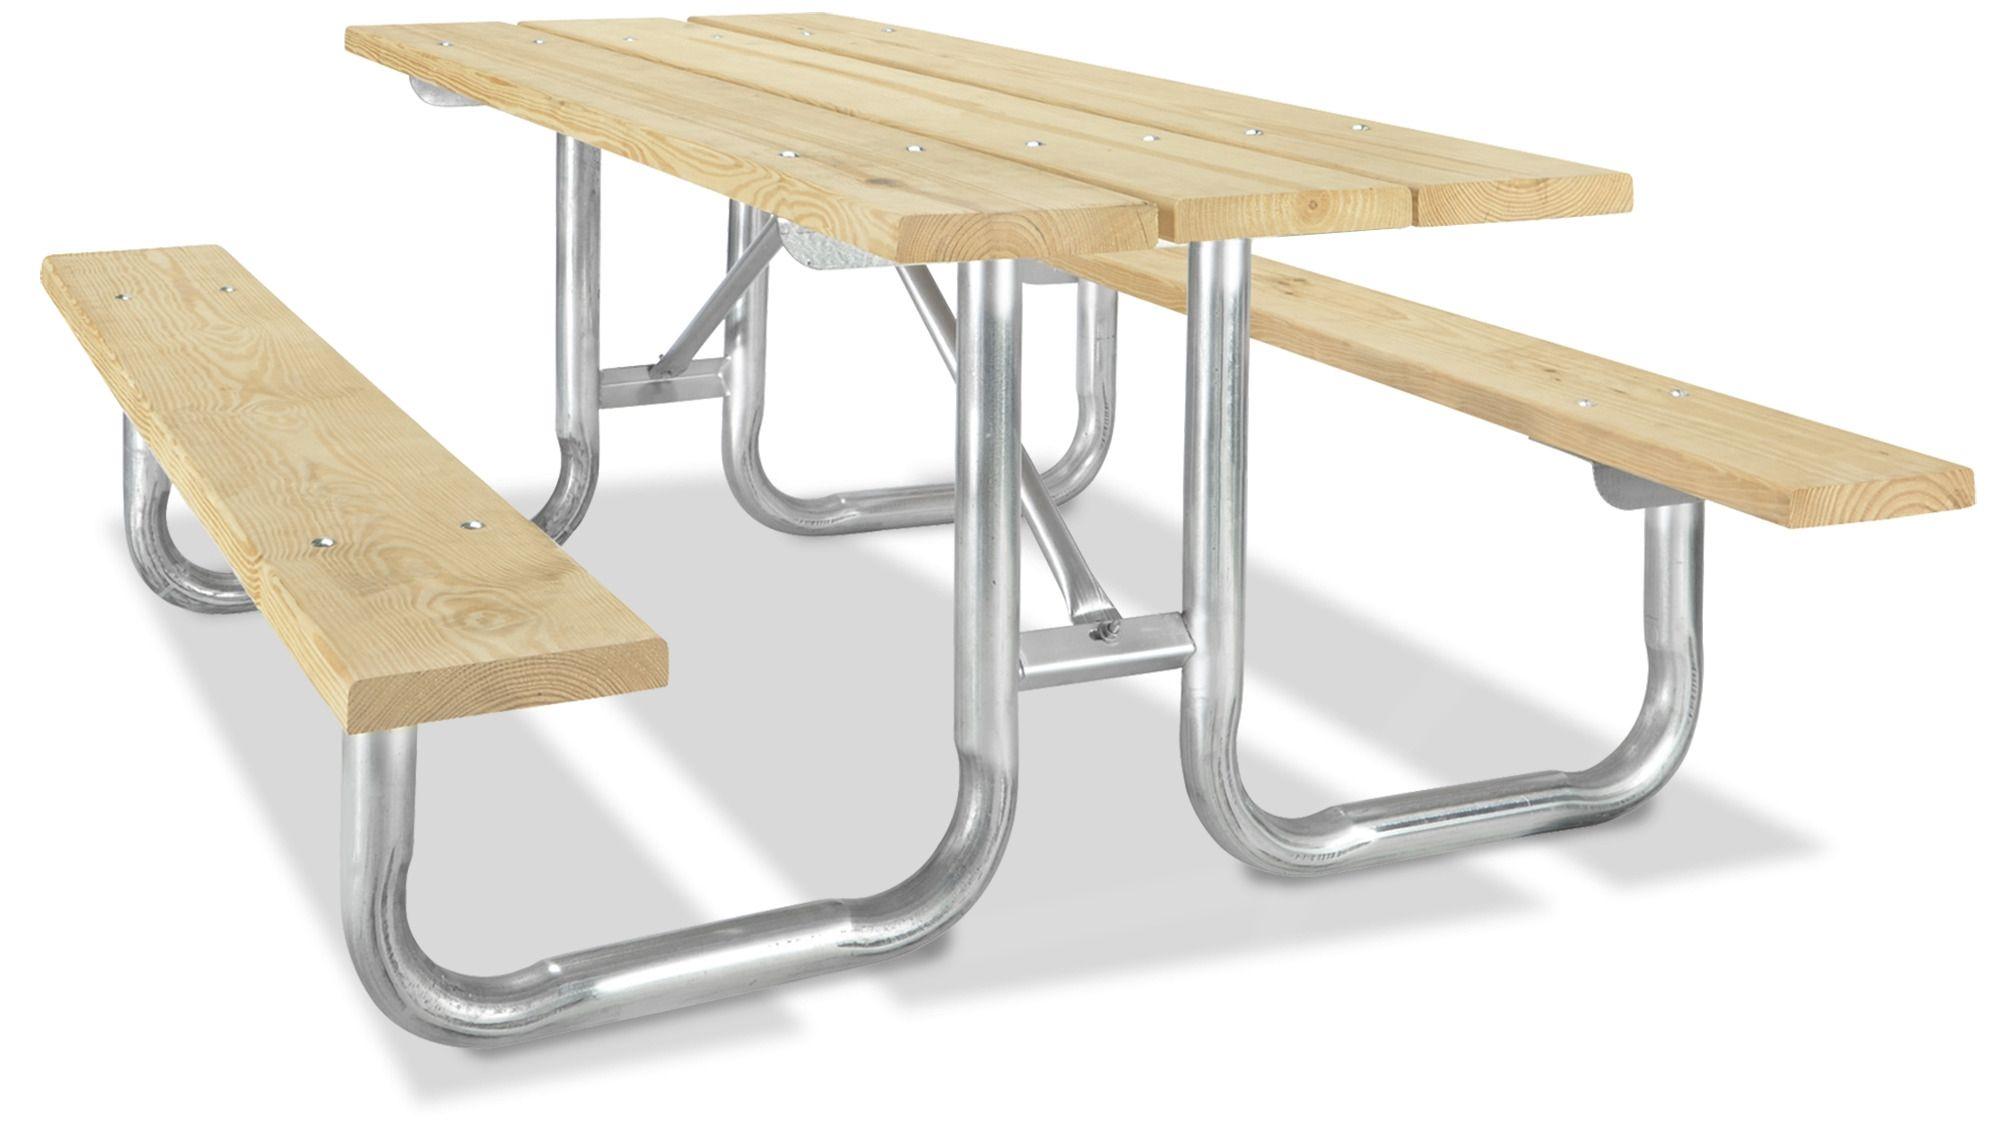 Steel Frame Picnic Table In Stock Uline Mesa De Picnic